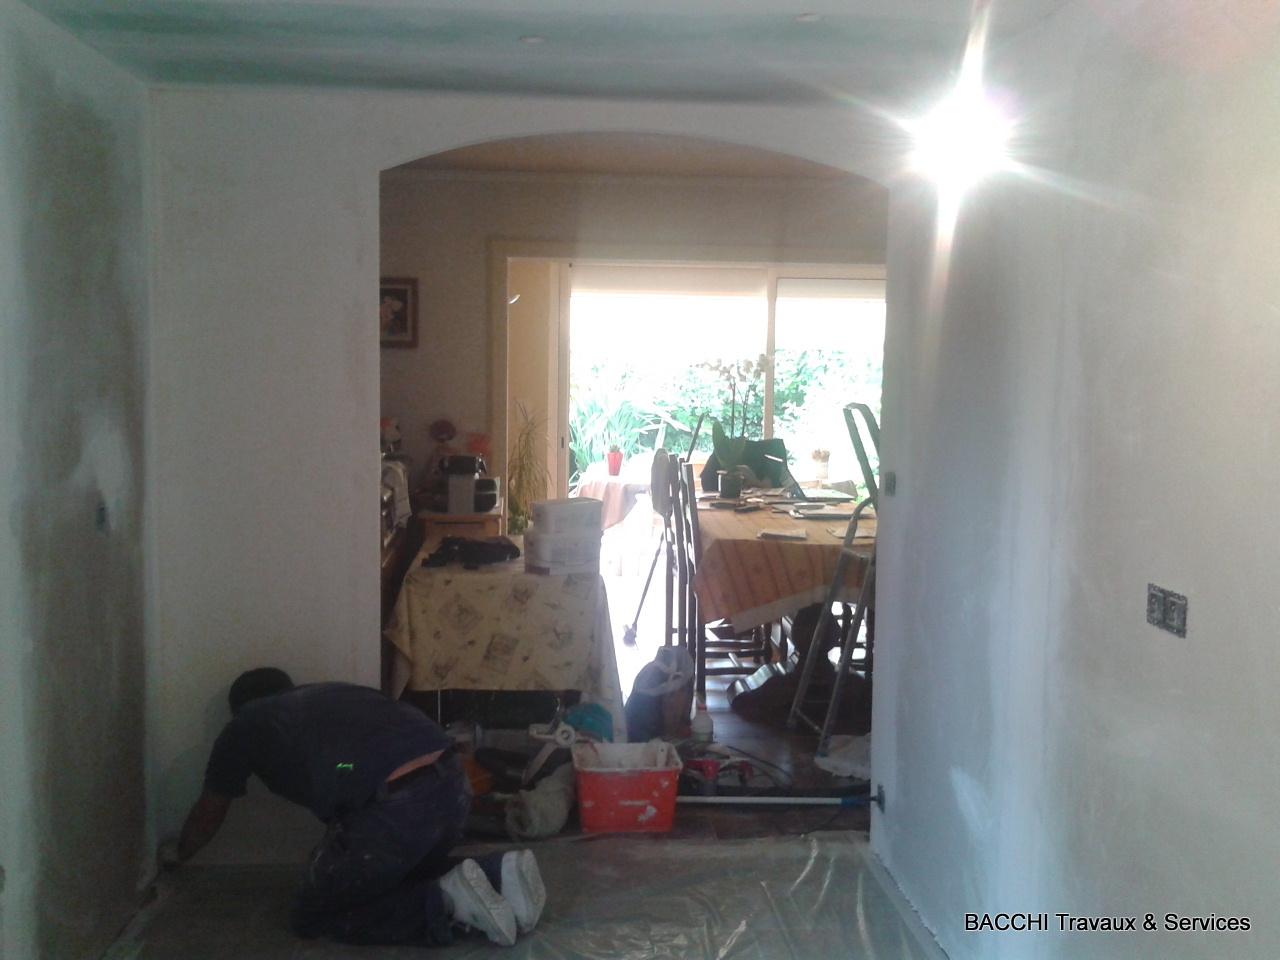 Création d'une ouverture en arrondi vers la salle à manger